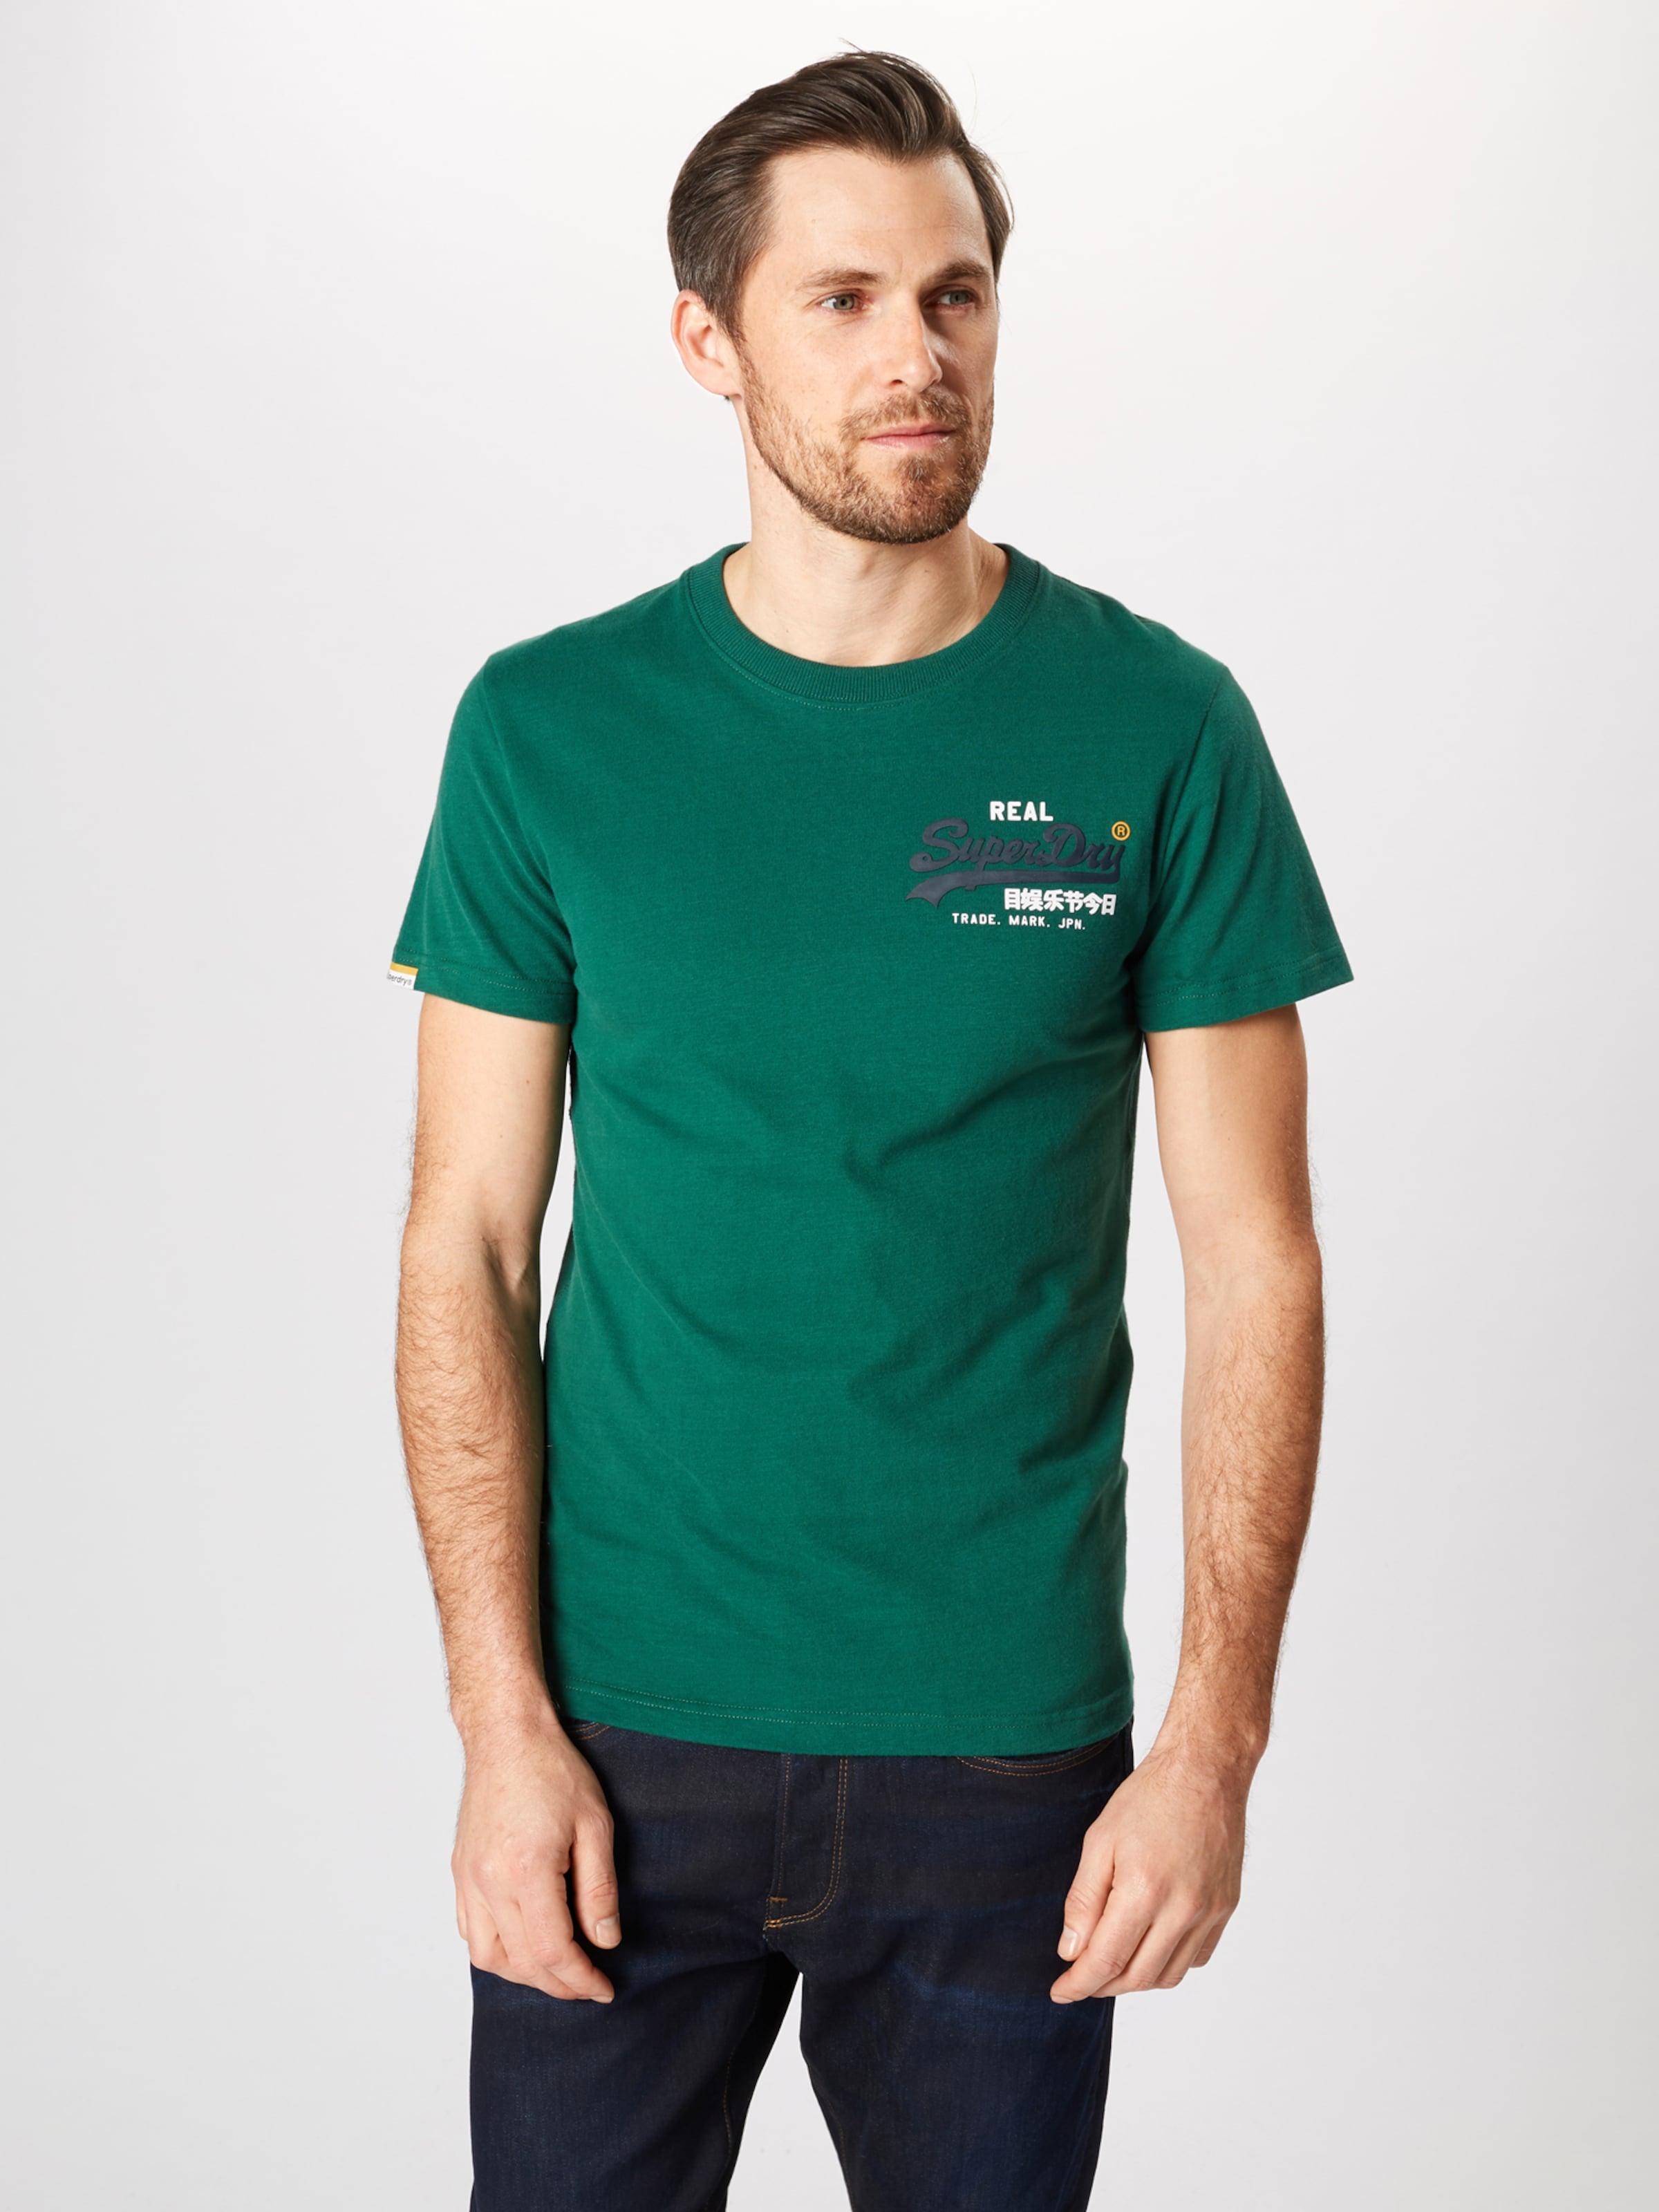 Logo 'vintage Shirt Racer' Superdry Aqua In 0wOkP8n